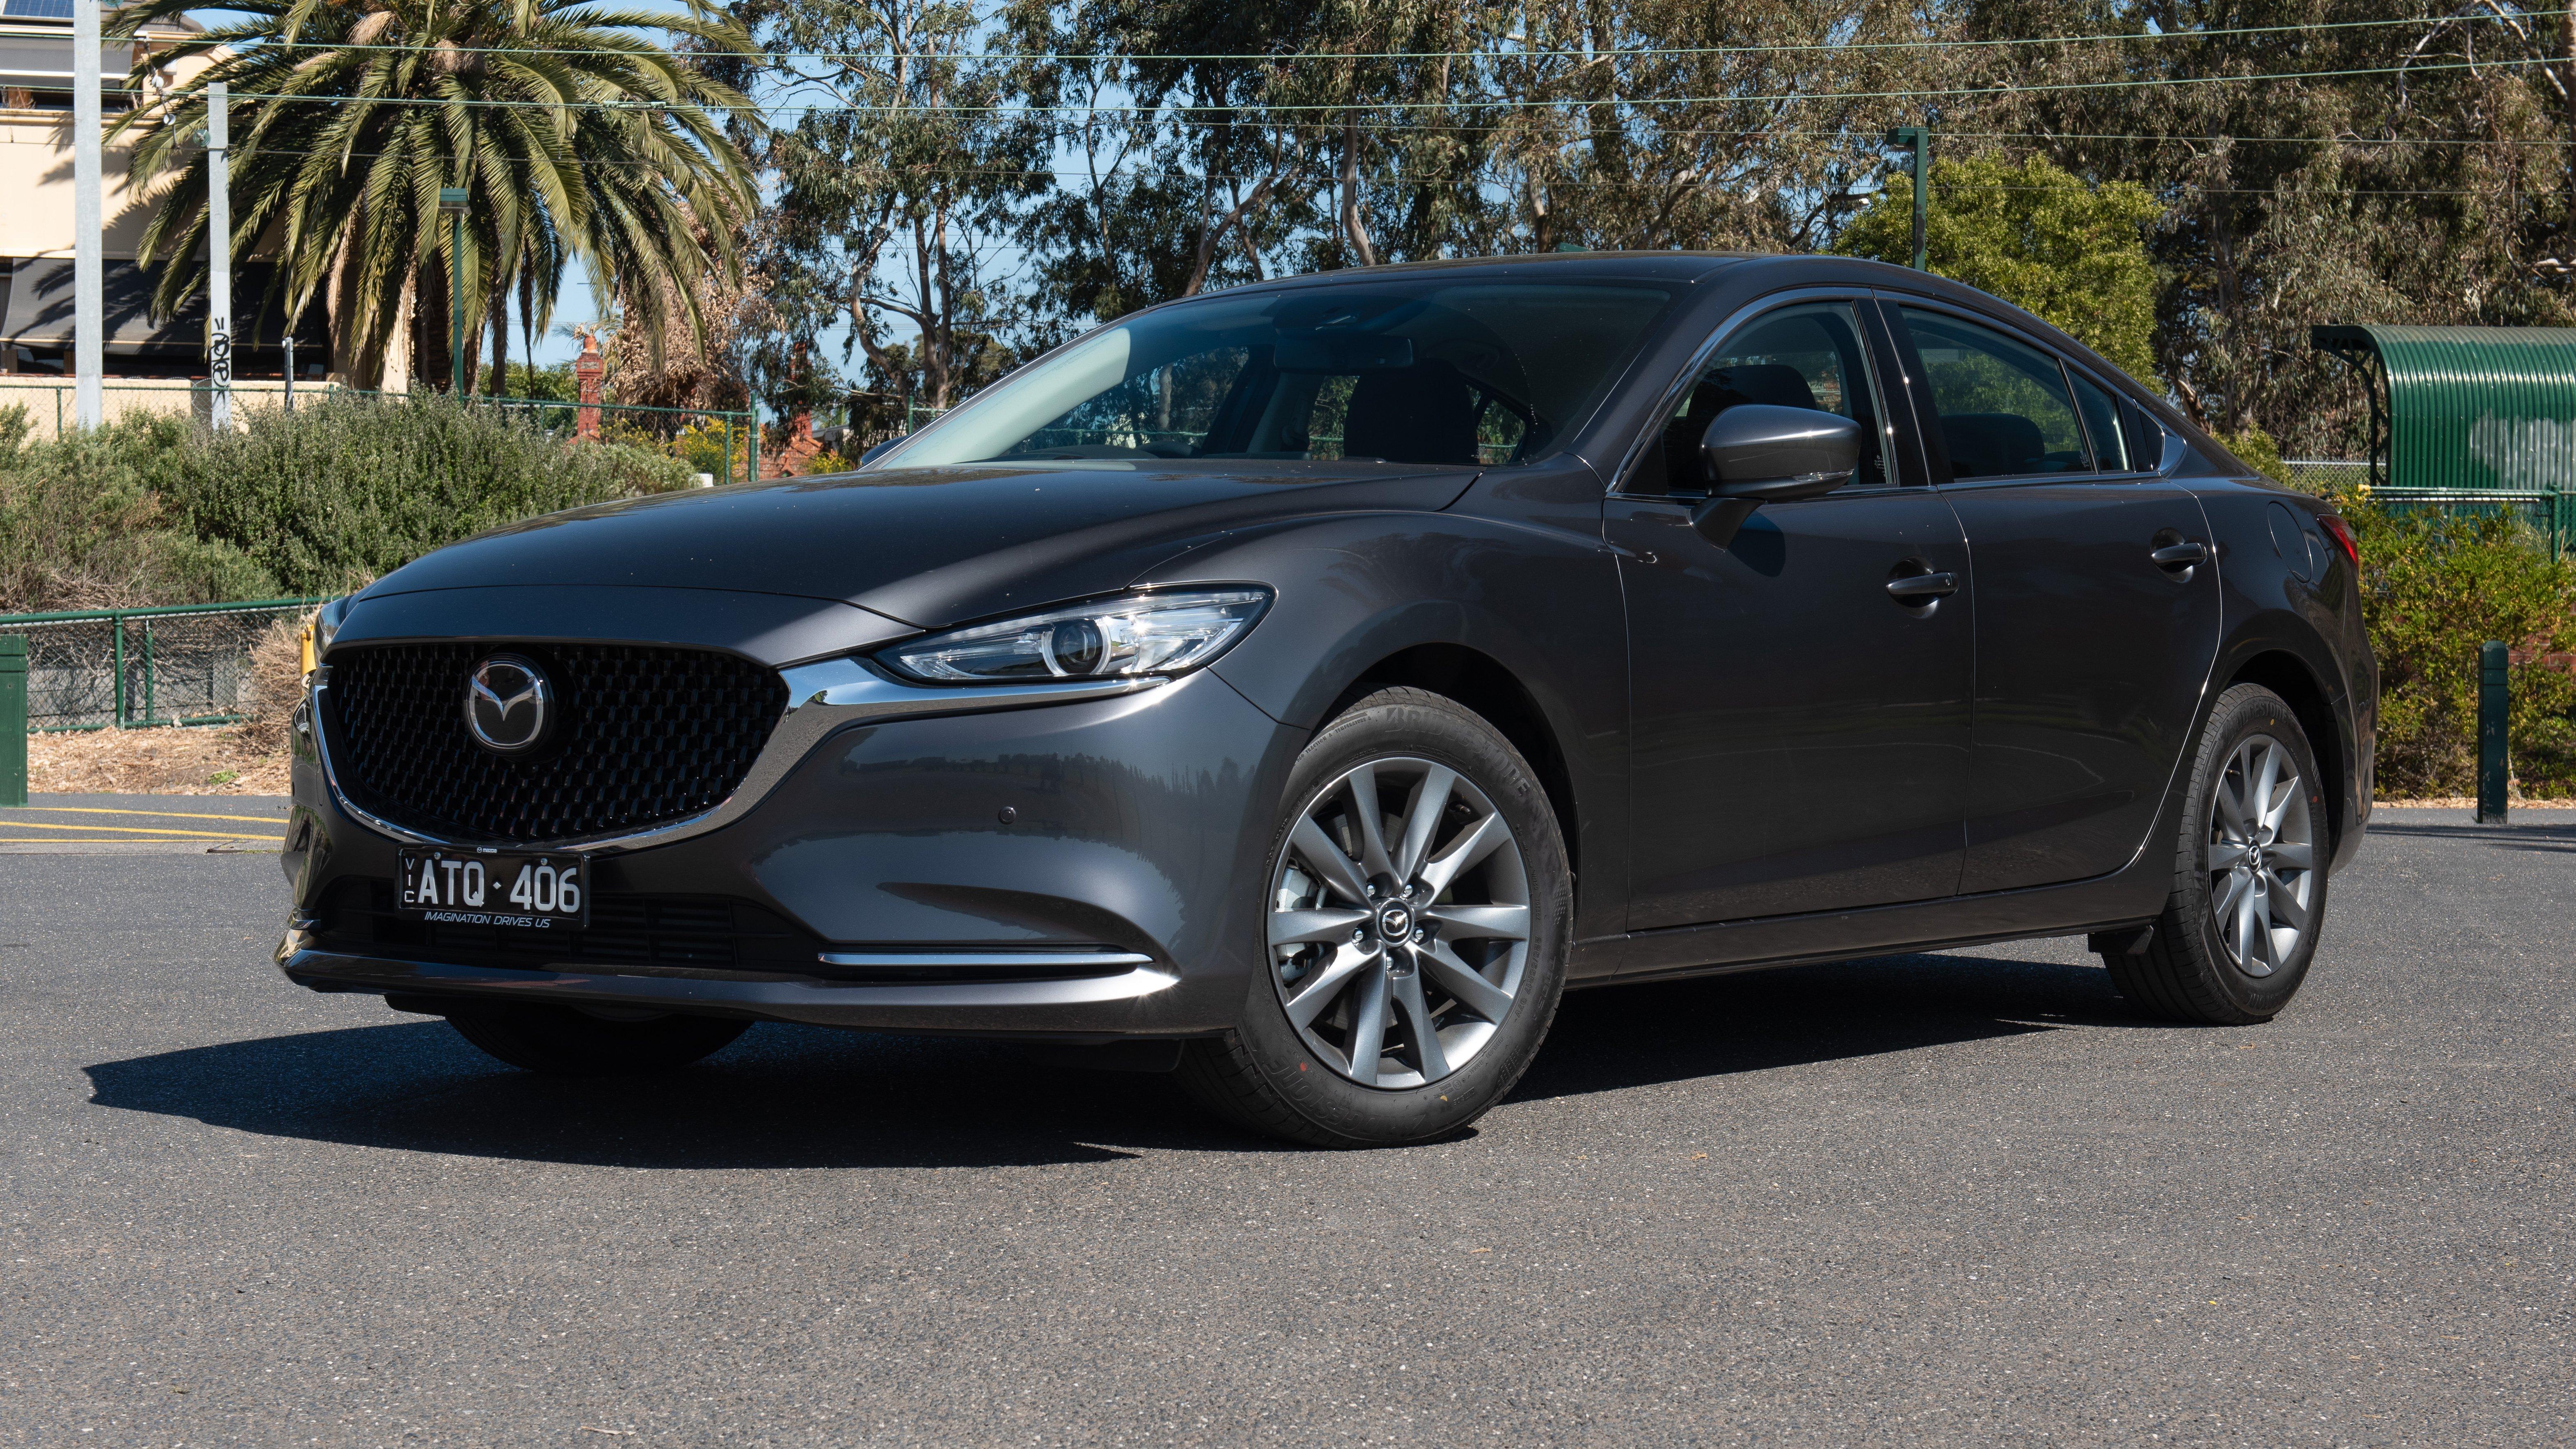 Mazda 6 Knocking Noise When Accelerating